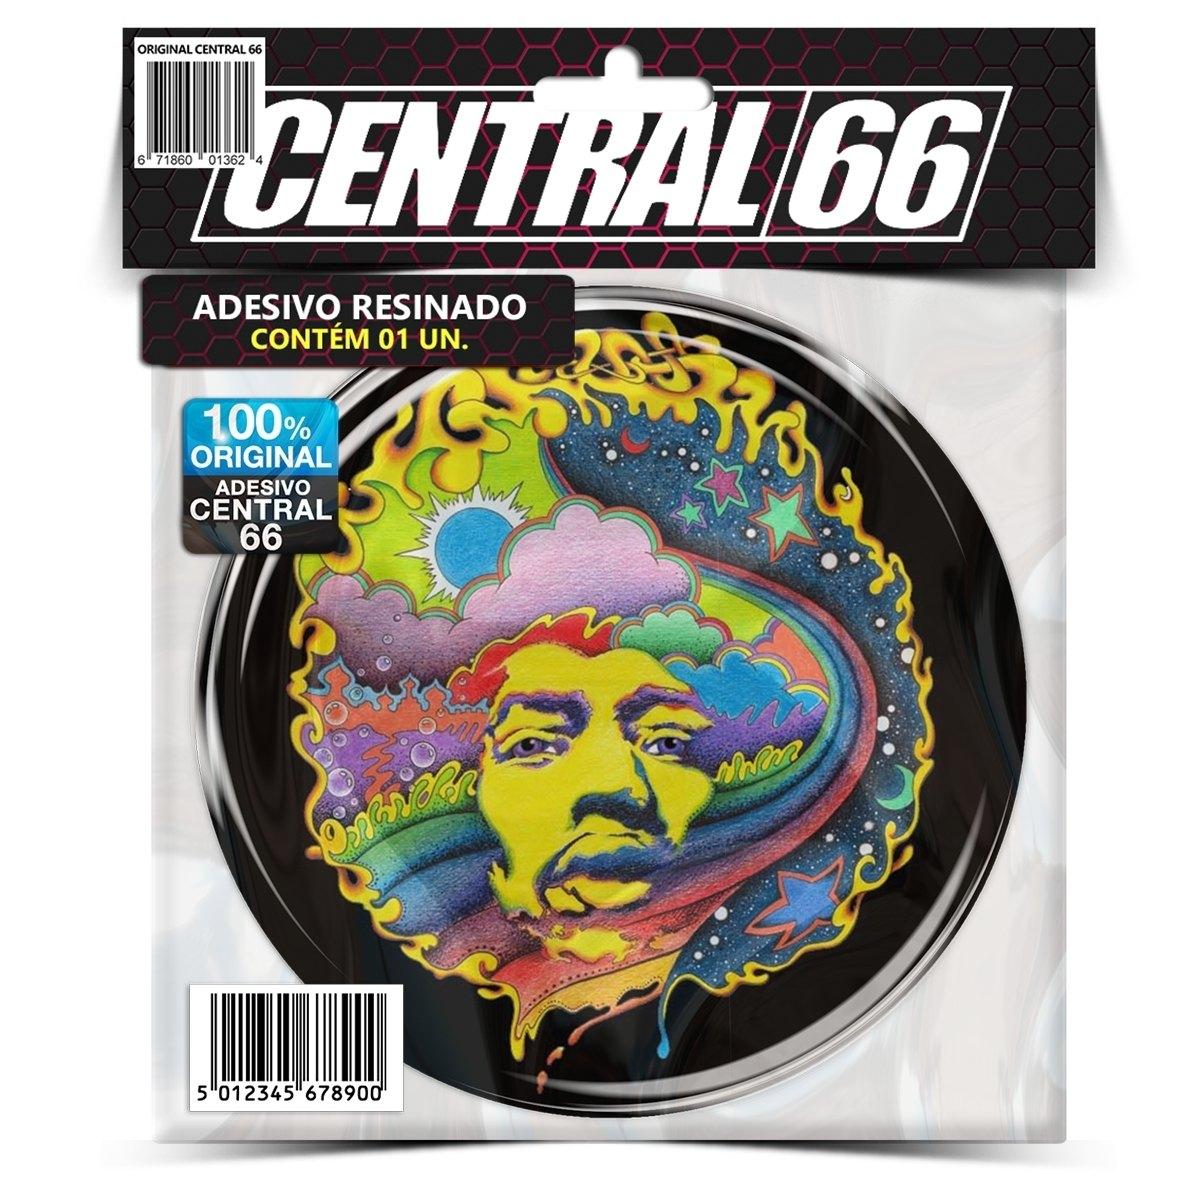 Adesivo Redondo Jimi Hendrix M06 – Central 66